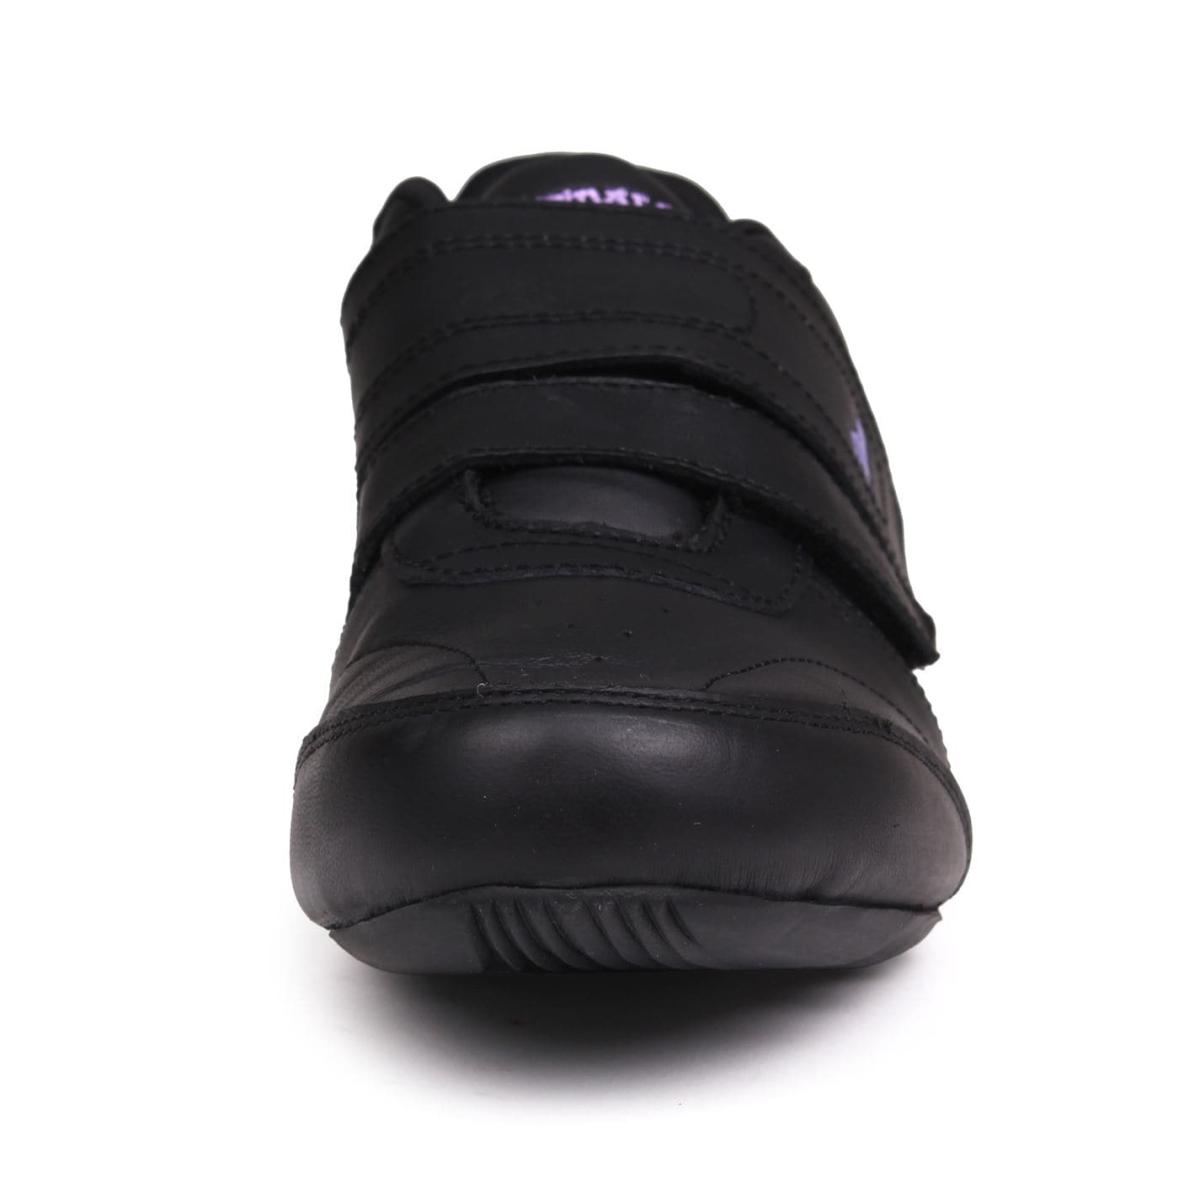 Lonsdale-Turnschuhe-Damen-Sneaker-Sportschuhe-Laufschuhe-5430 Indexbild 6